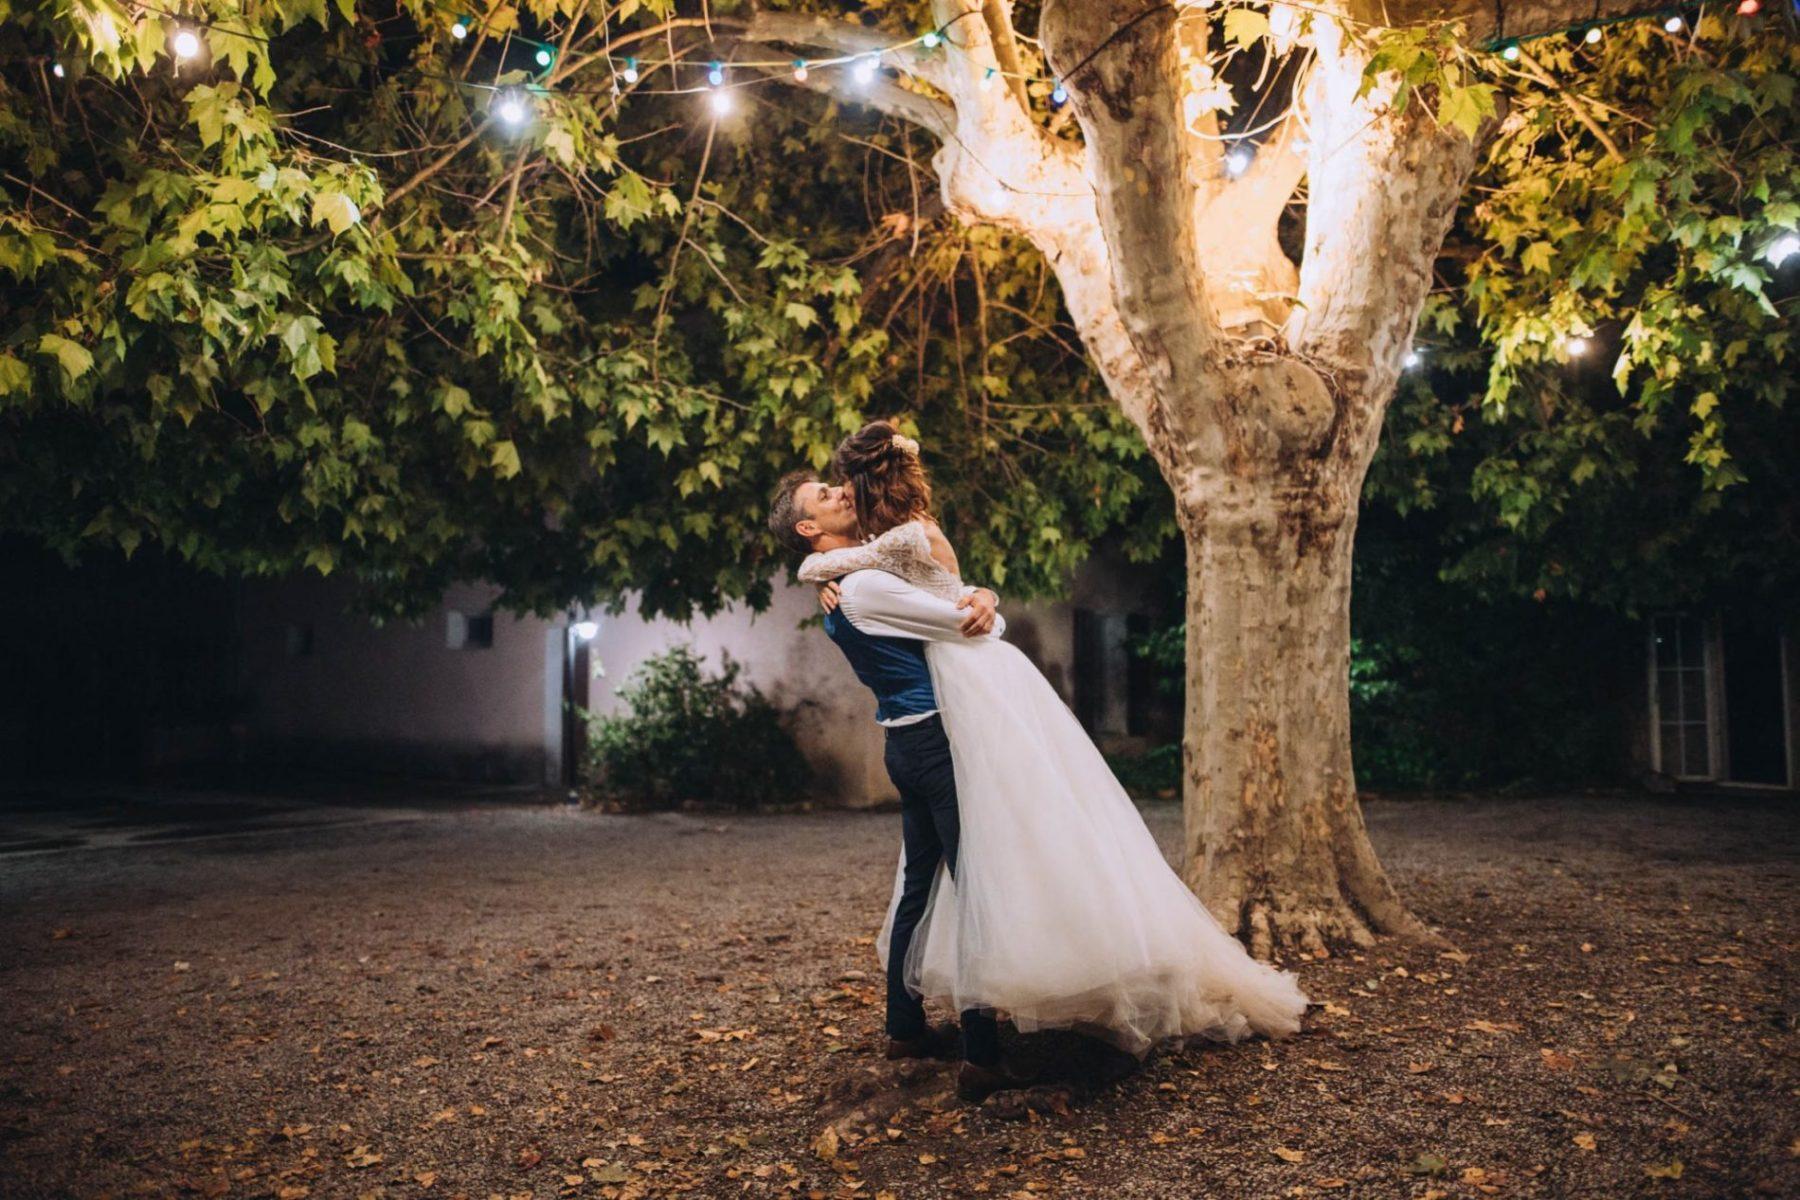 photographe-couple-mariage-carcassonne-2